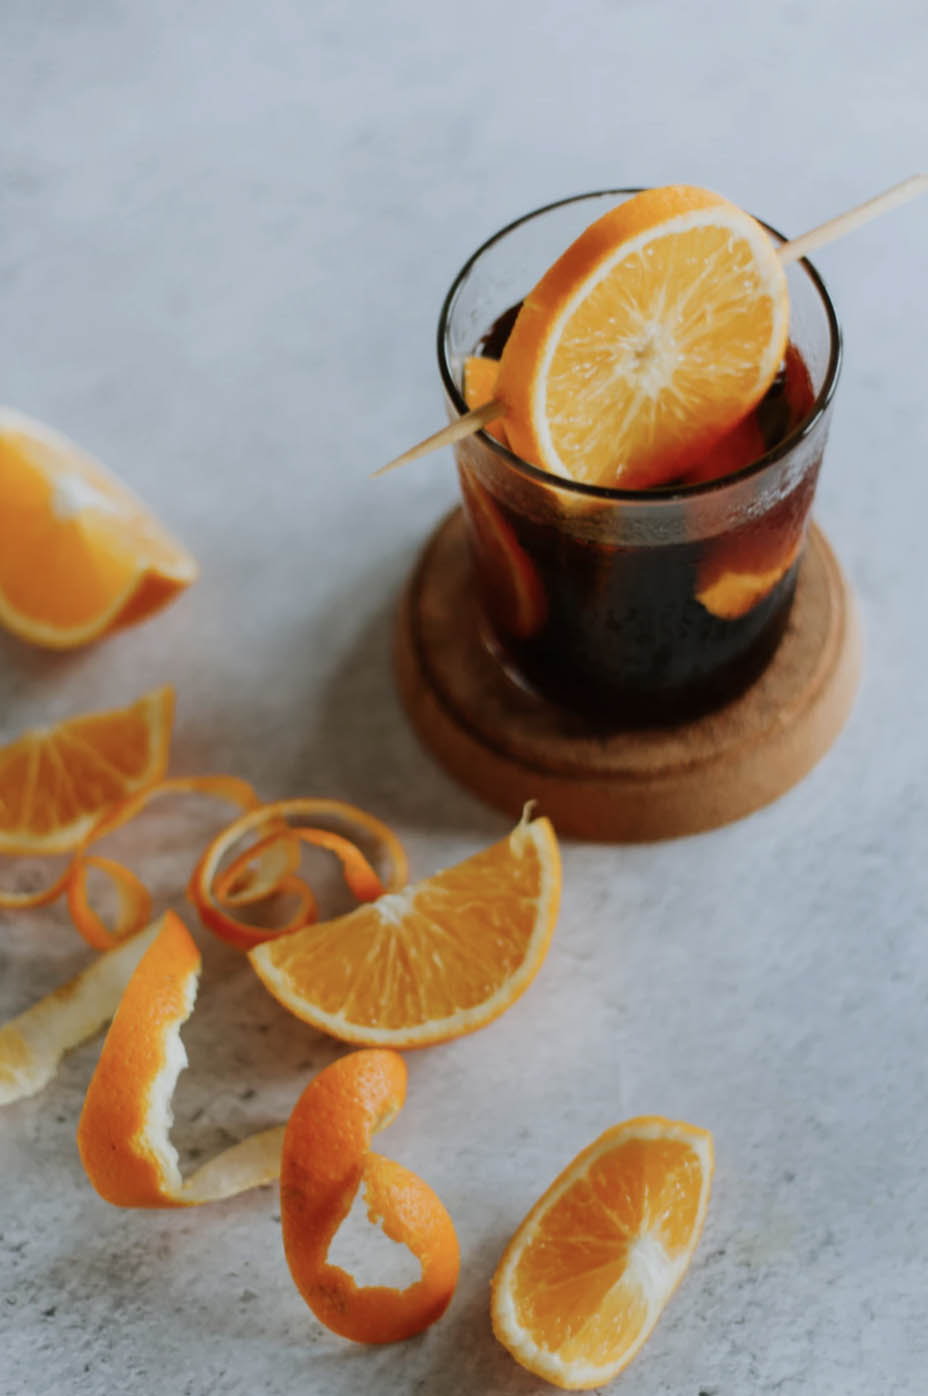 Vermouth with orange peel